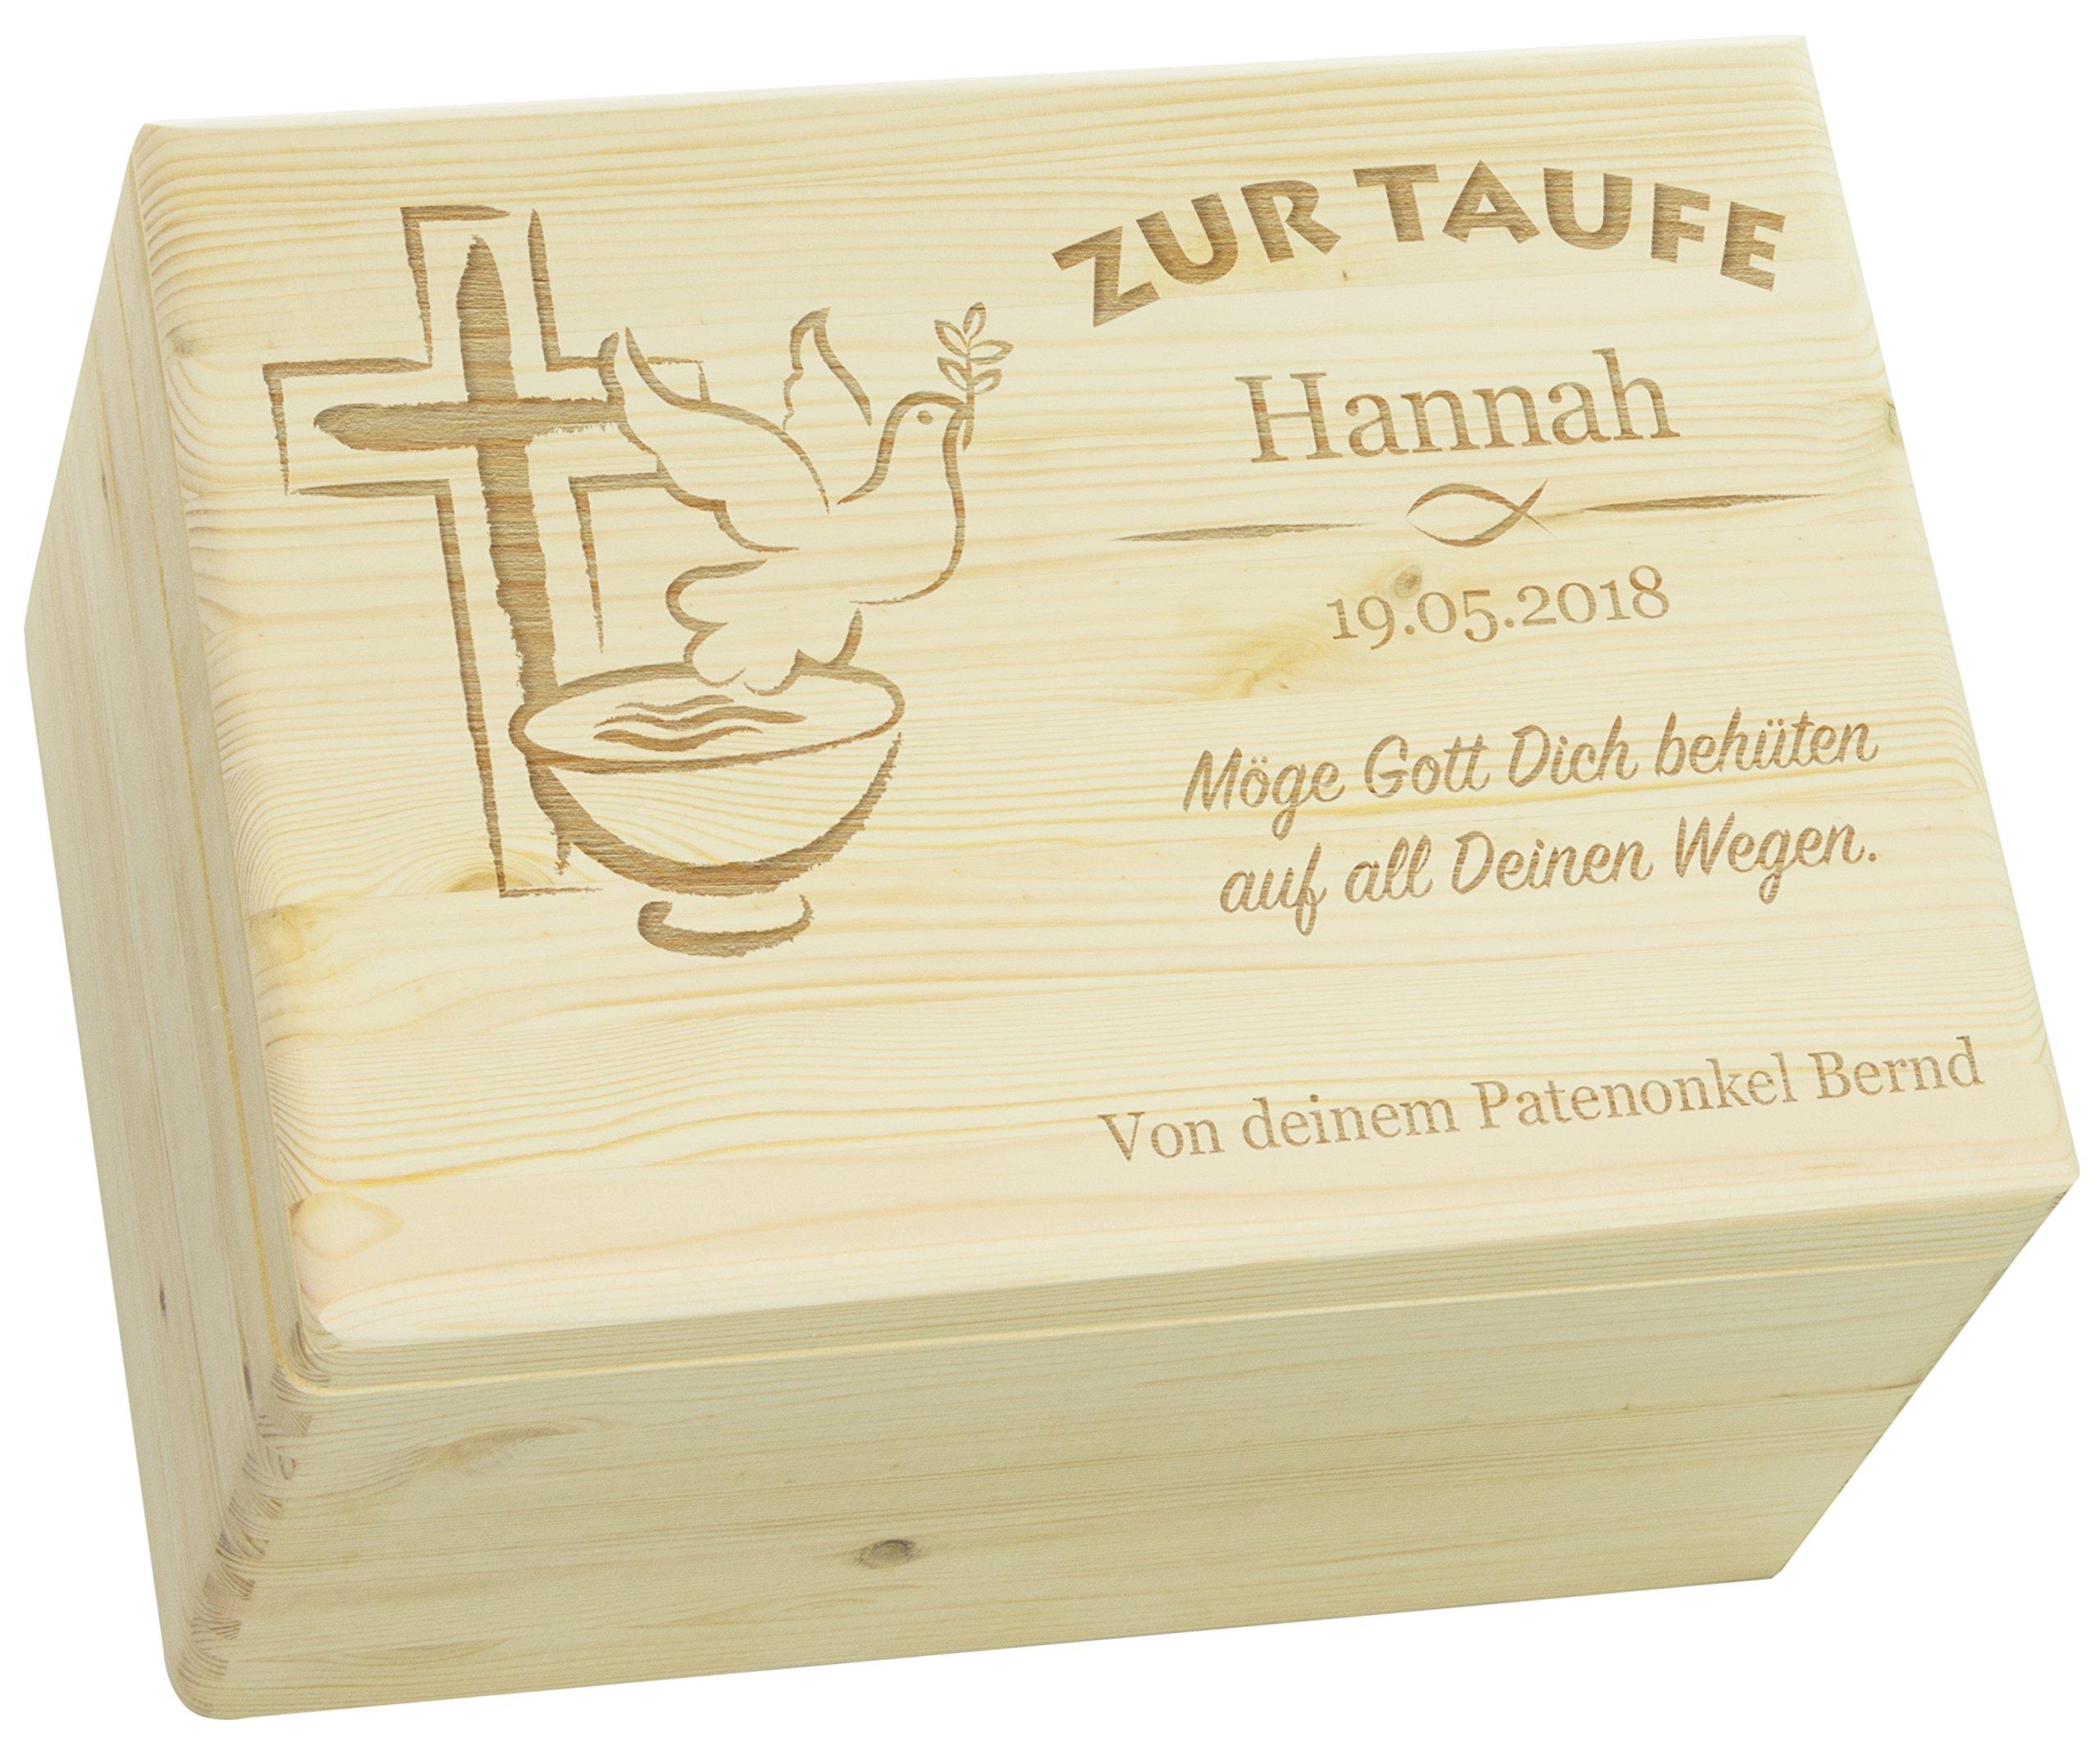 LAUBLUST Holzkiste mit Gravur - Personalisiert mit Name | Datum | WIDMUNG - Natur Größe XL - Friedenstaube Motiv - Geschenkkiste zur Taufe